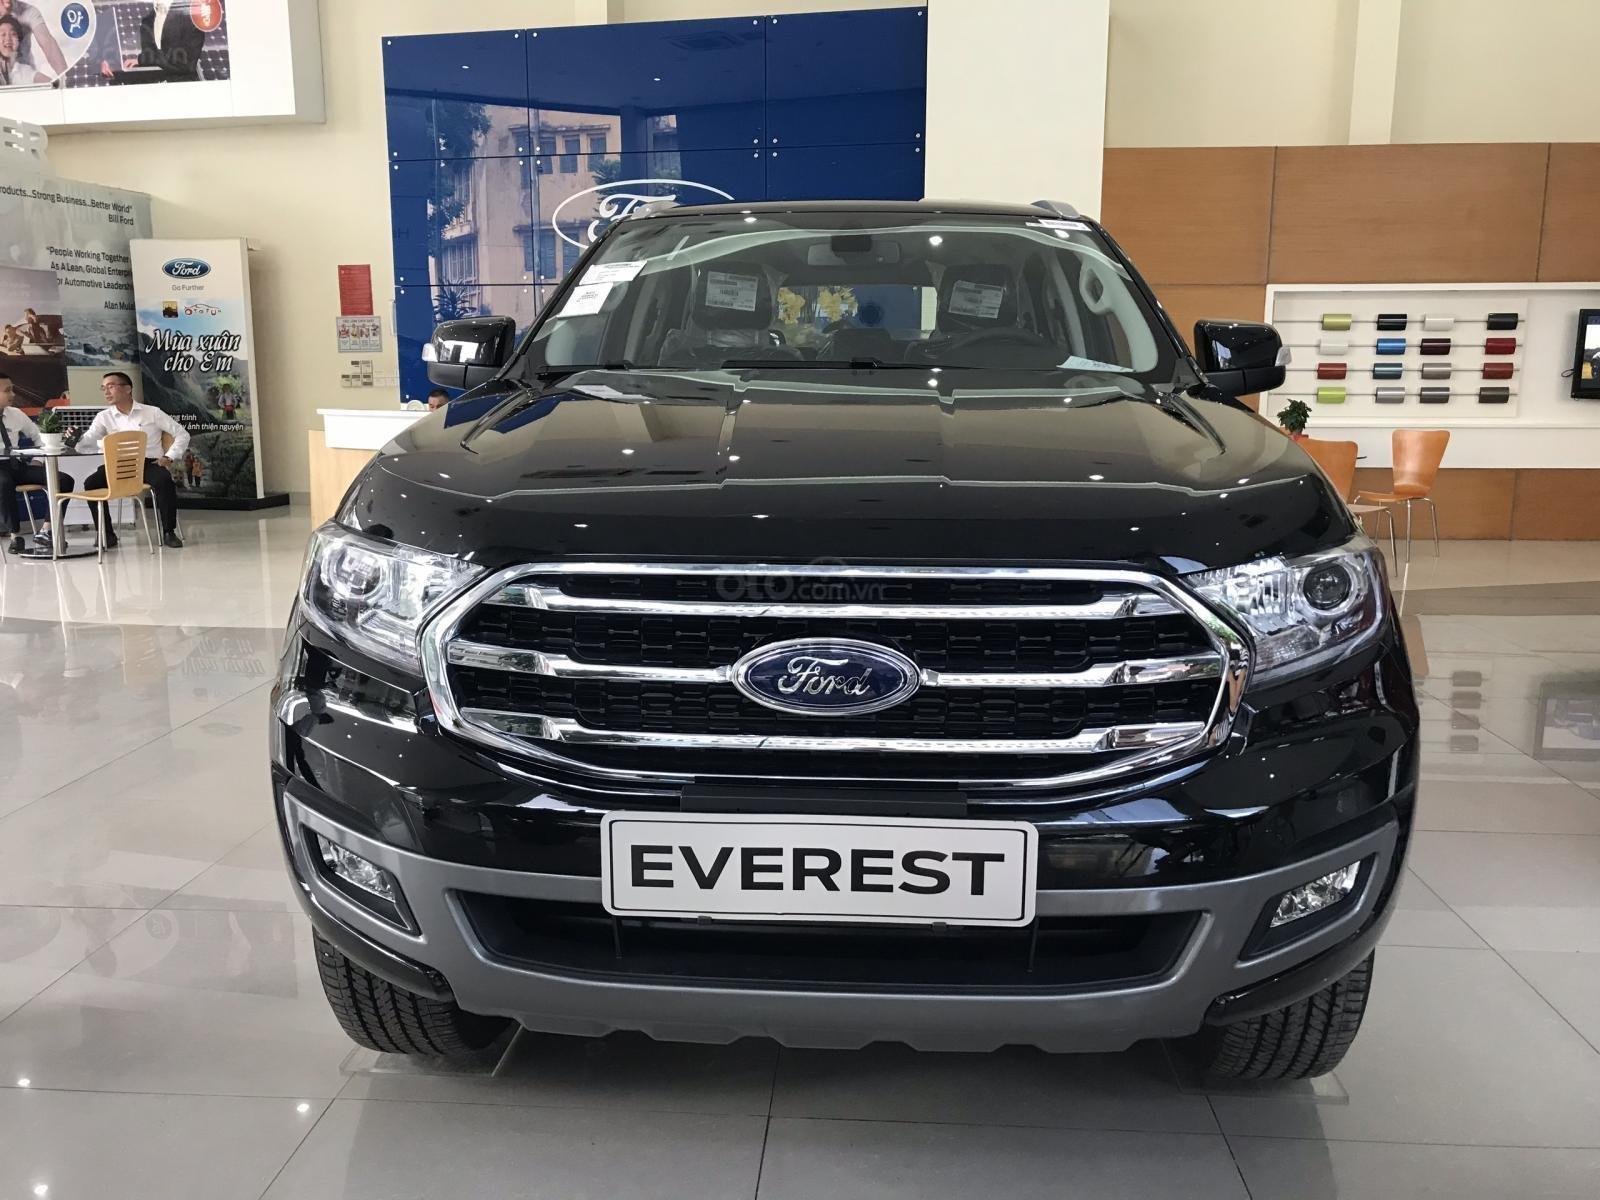 Ford Everest 4x2 Titanium, Bi-Turbo 2019 tặng BHVC phụ kiện, giao xe toàn quốc - Liên hệ ép giá: 0934.696.466 (1)